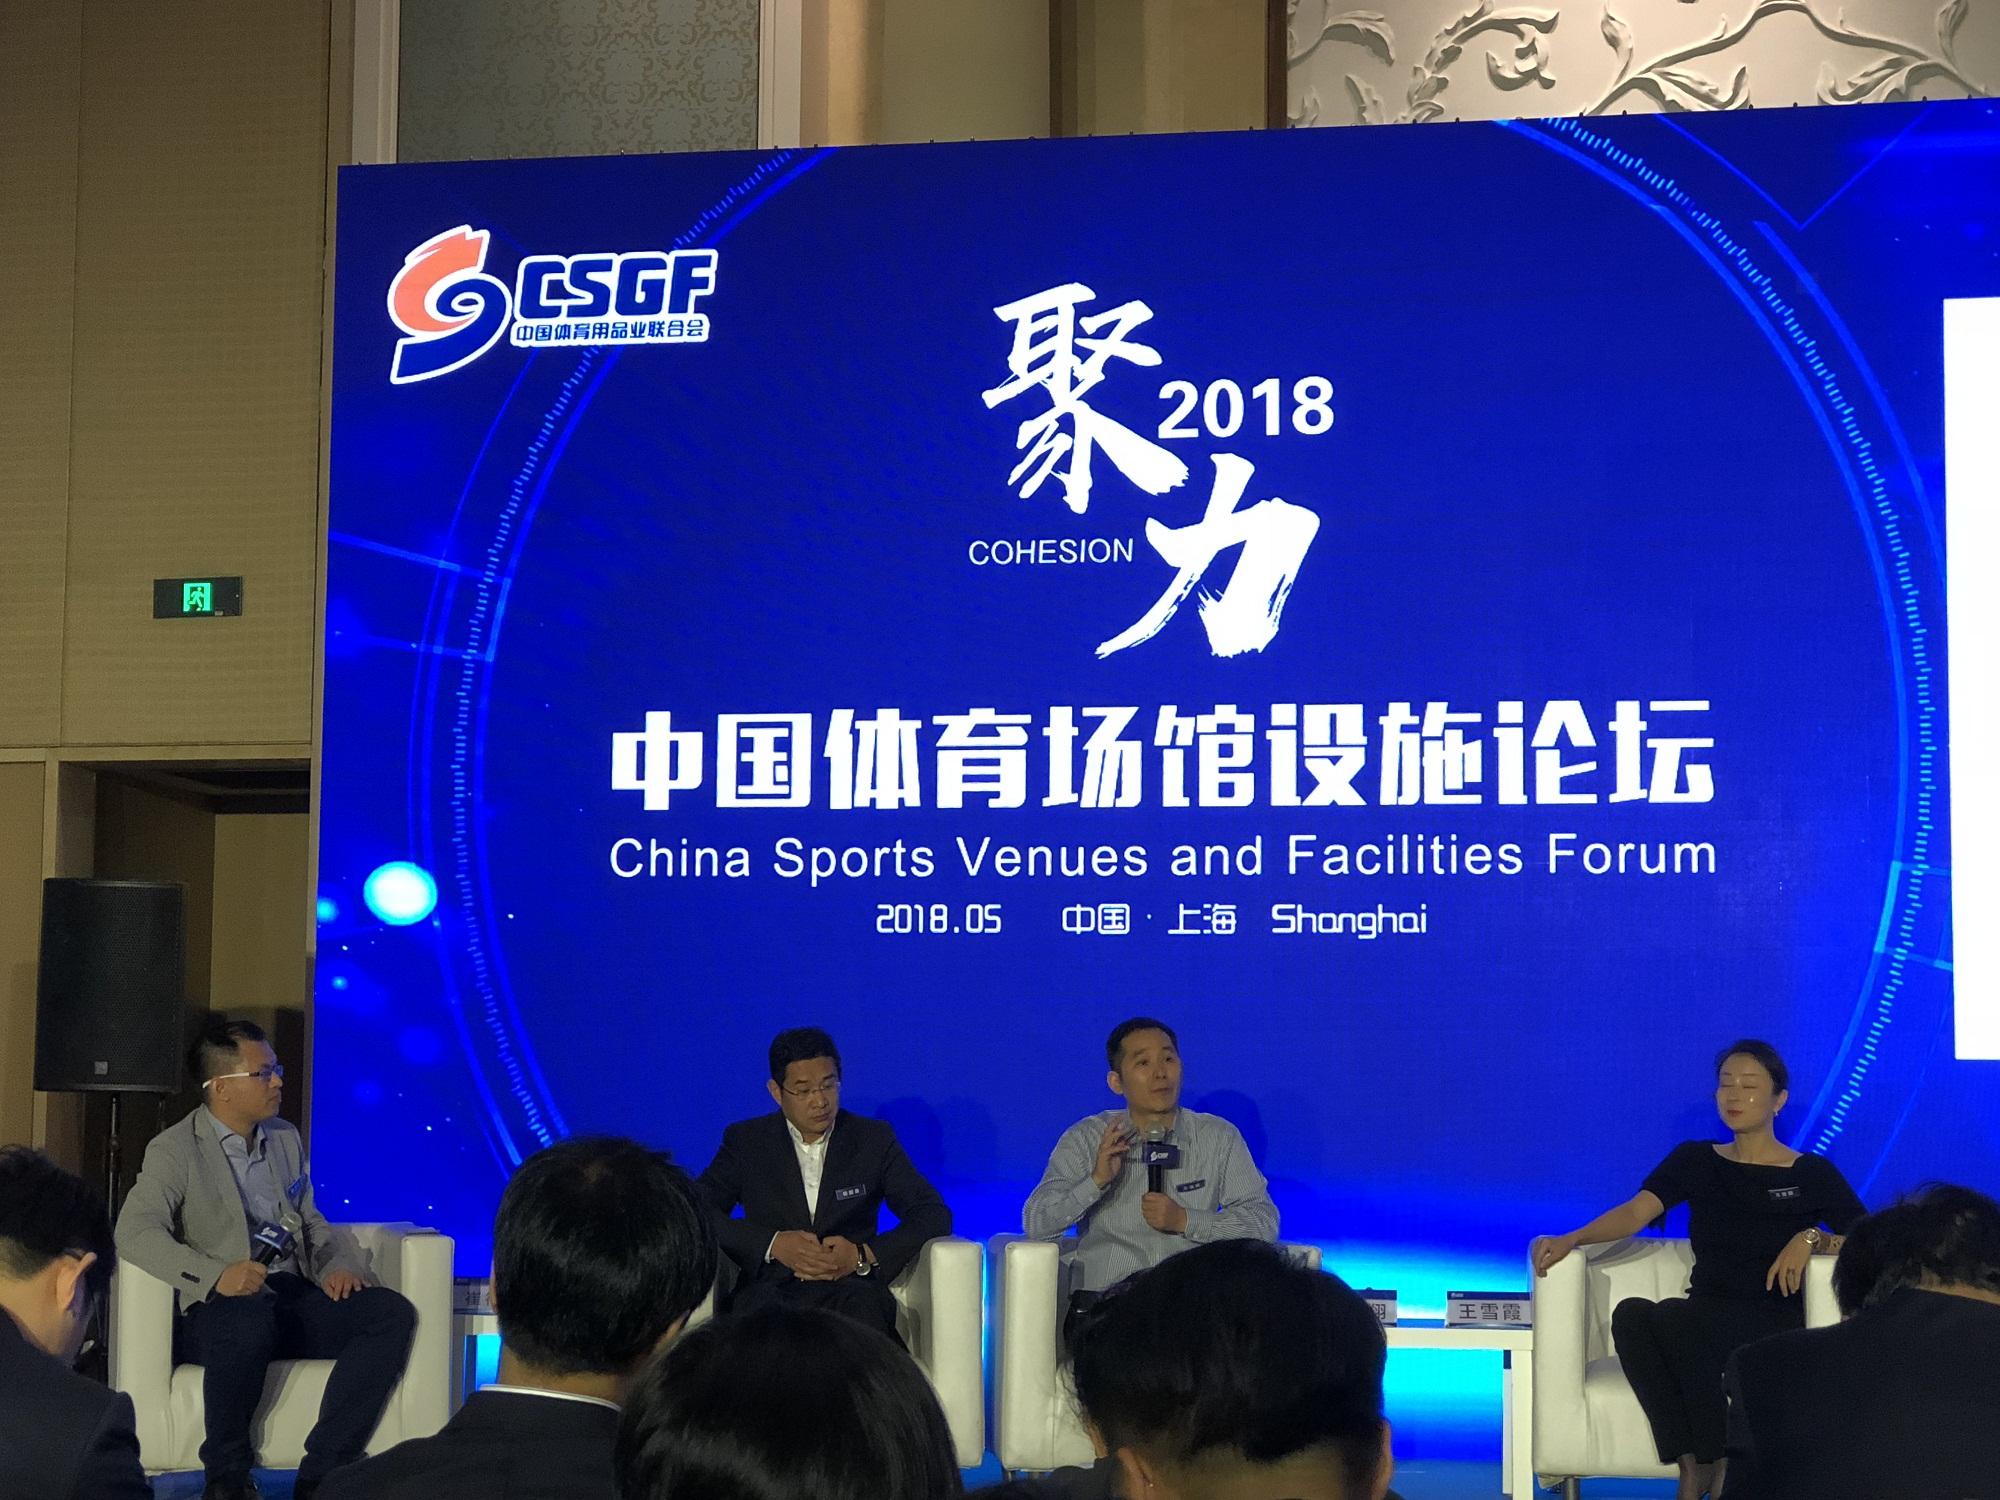 中国体育场馆设施论坛王总发言